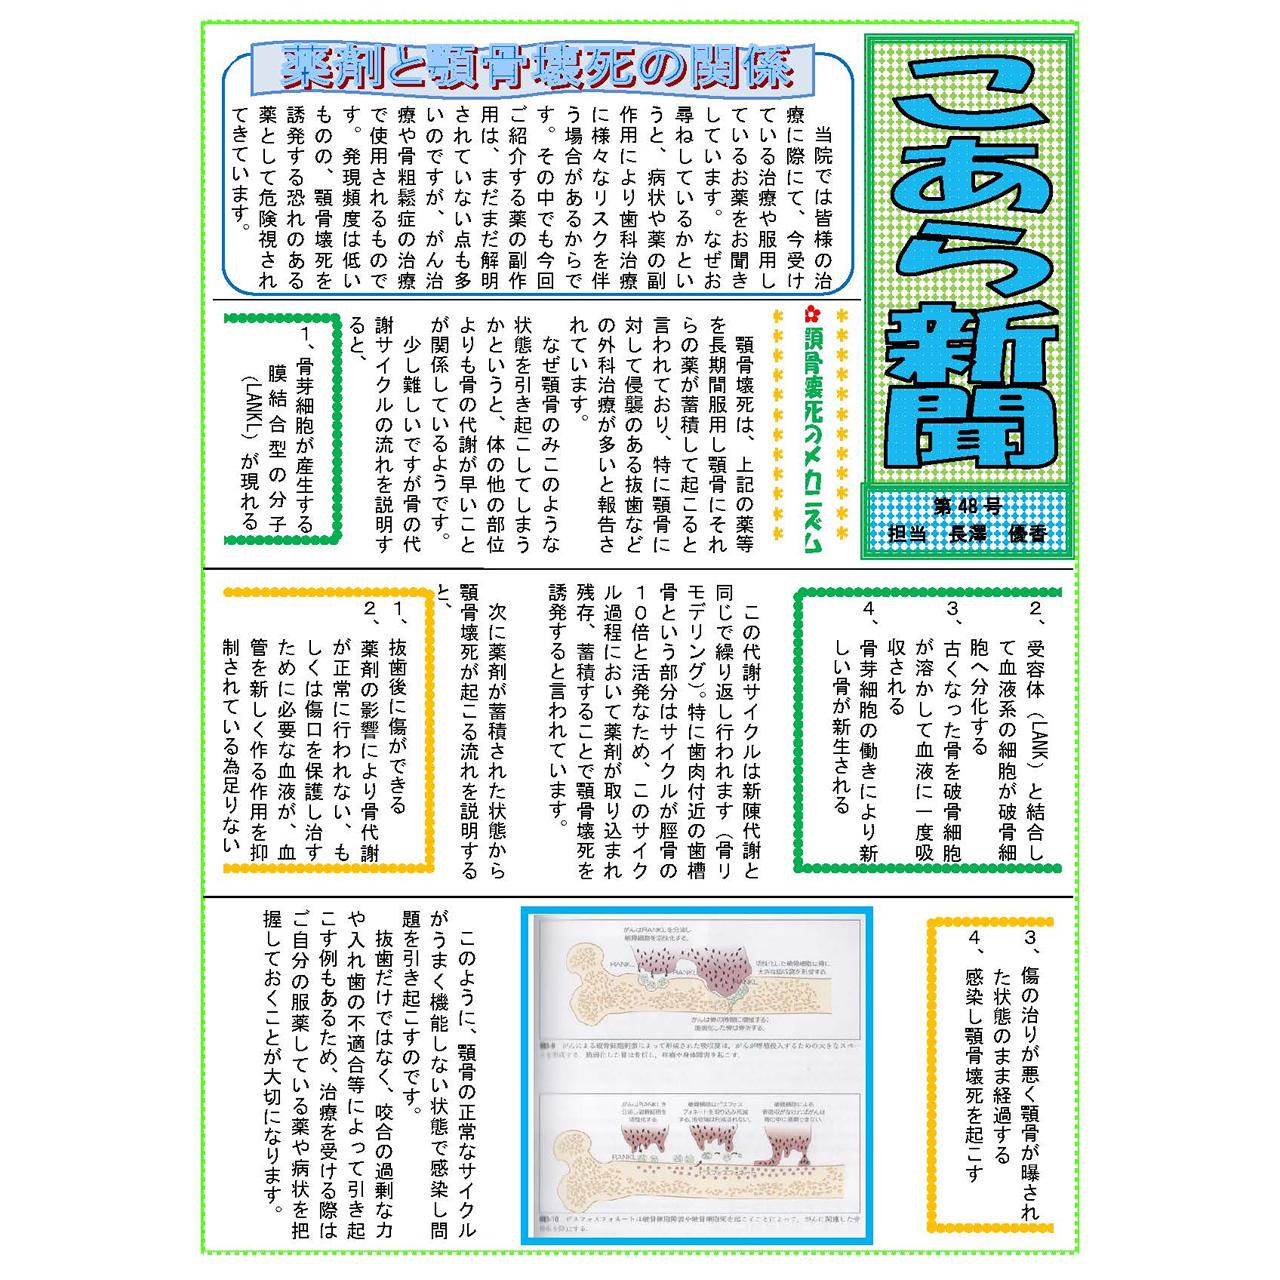 こあら新聞 第48号 担当 長澤